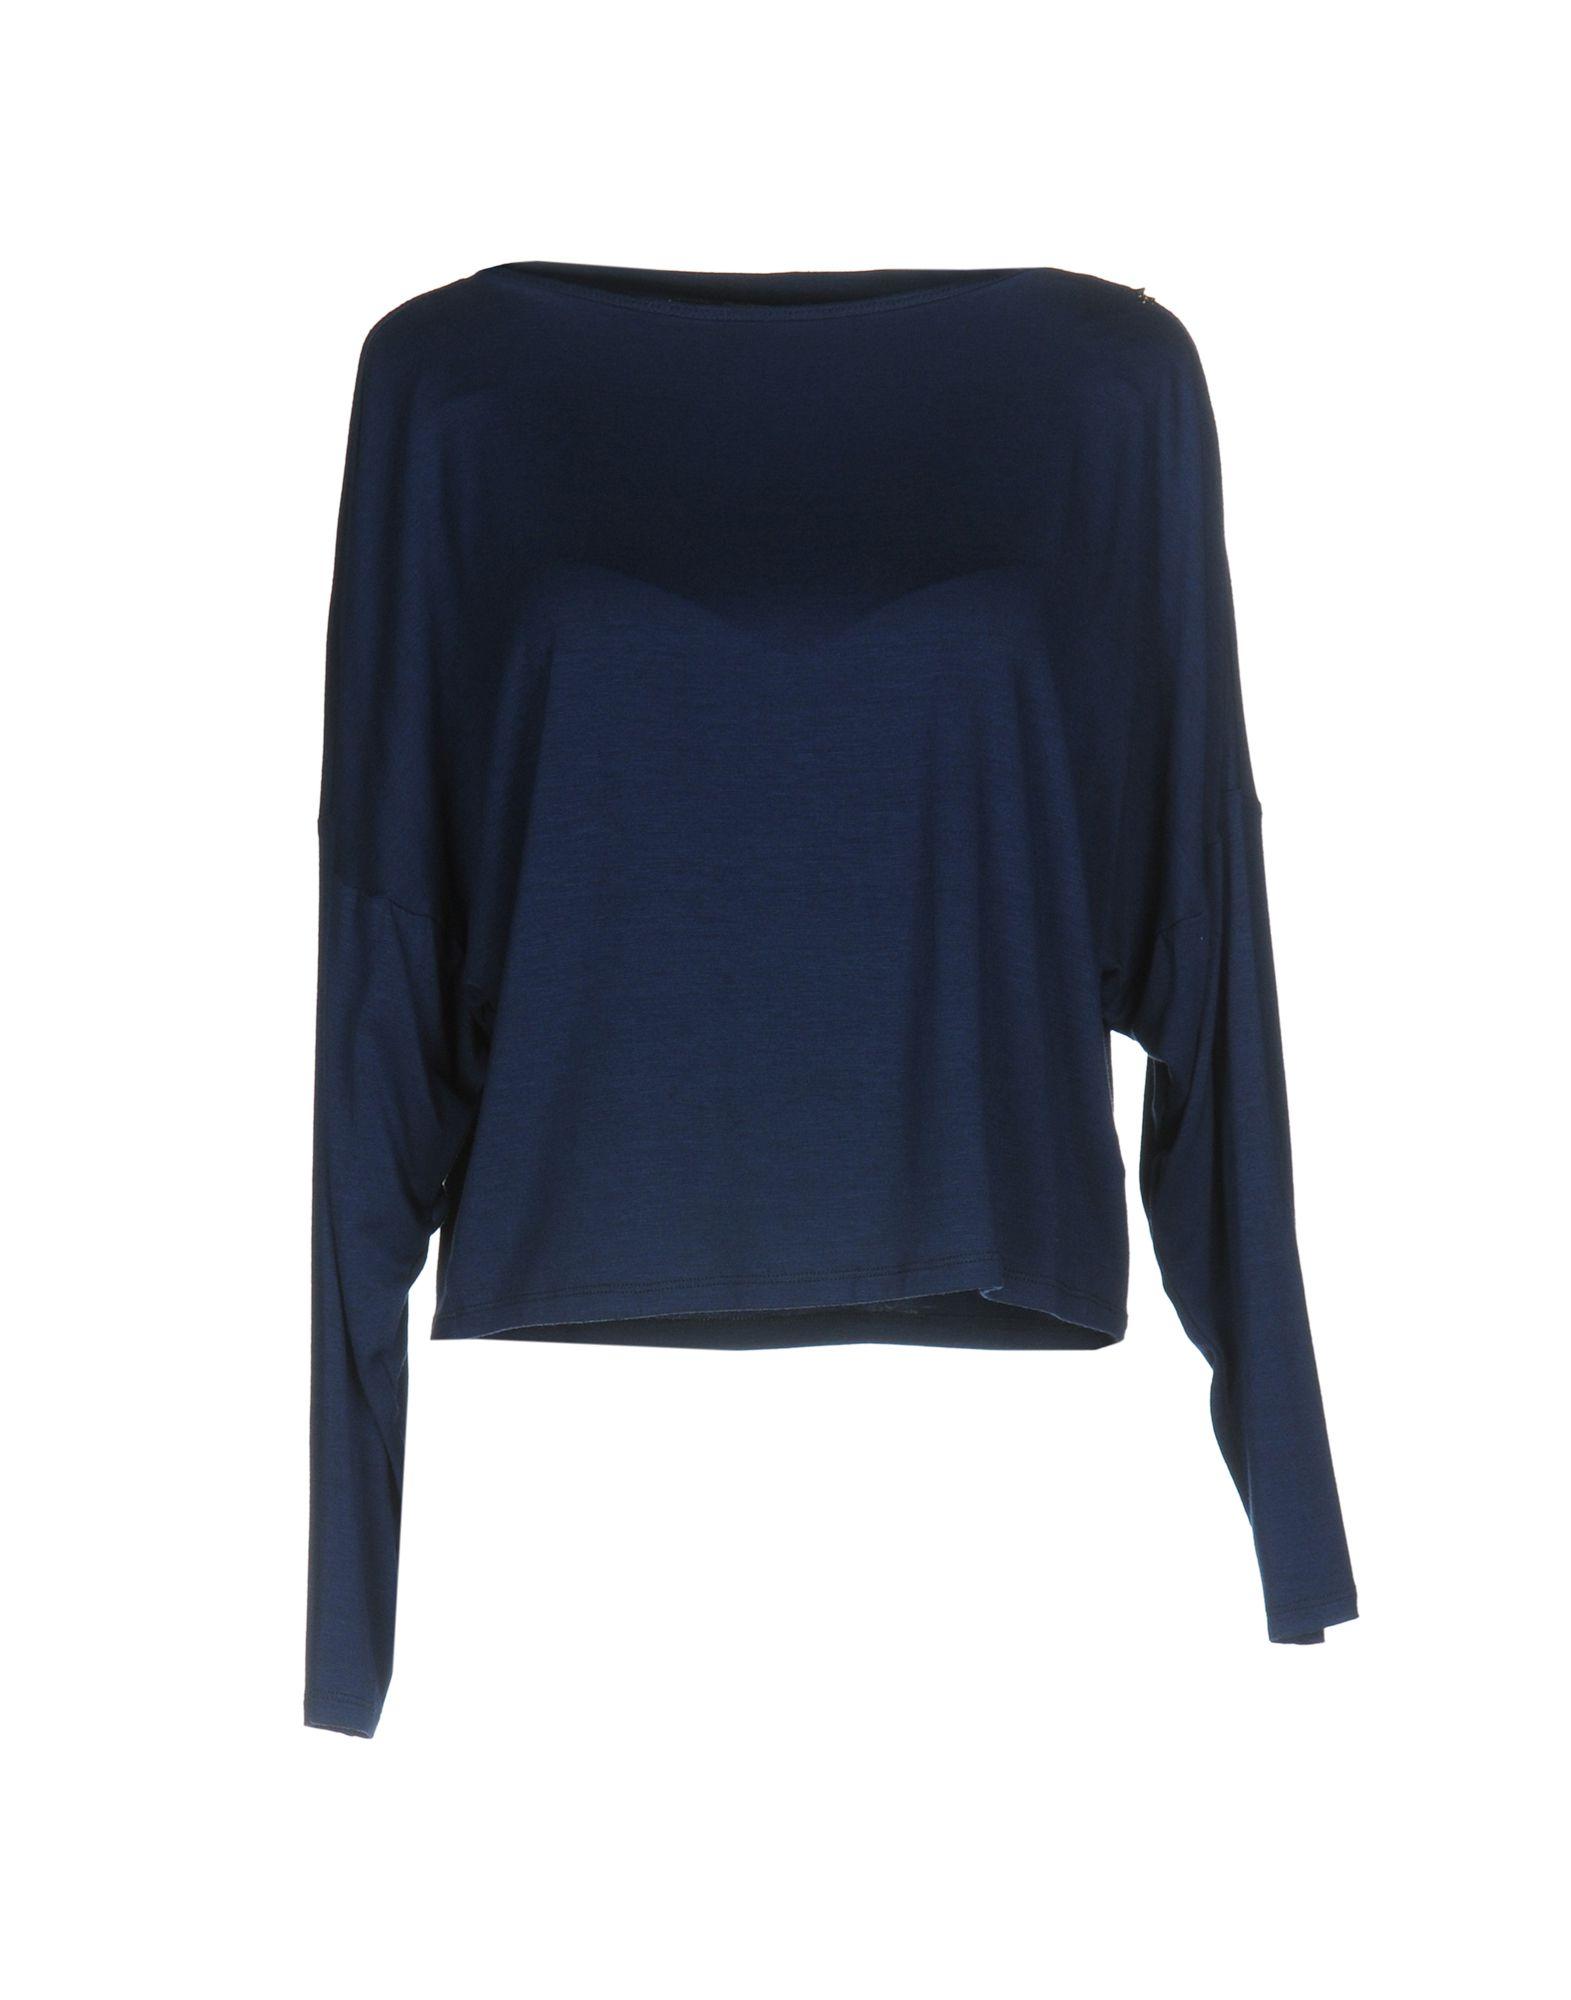 ELISABETTA FRANCHI Damen T-shirts Farbe Blau Größe 6 - broschei